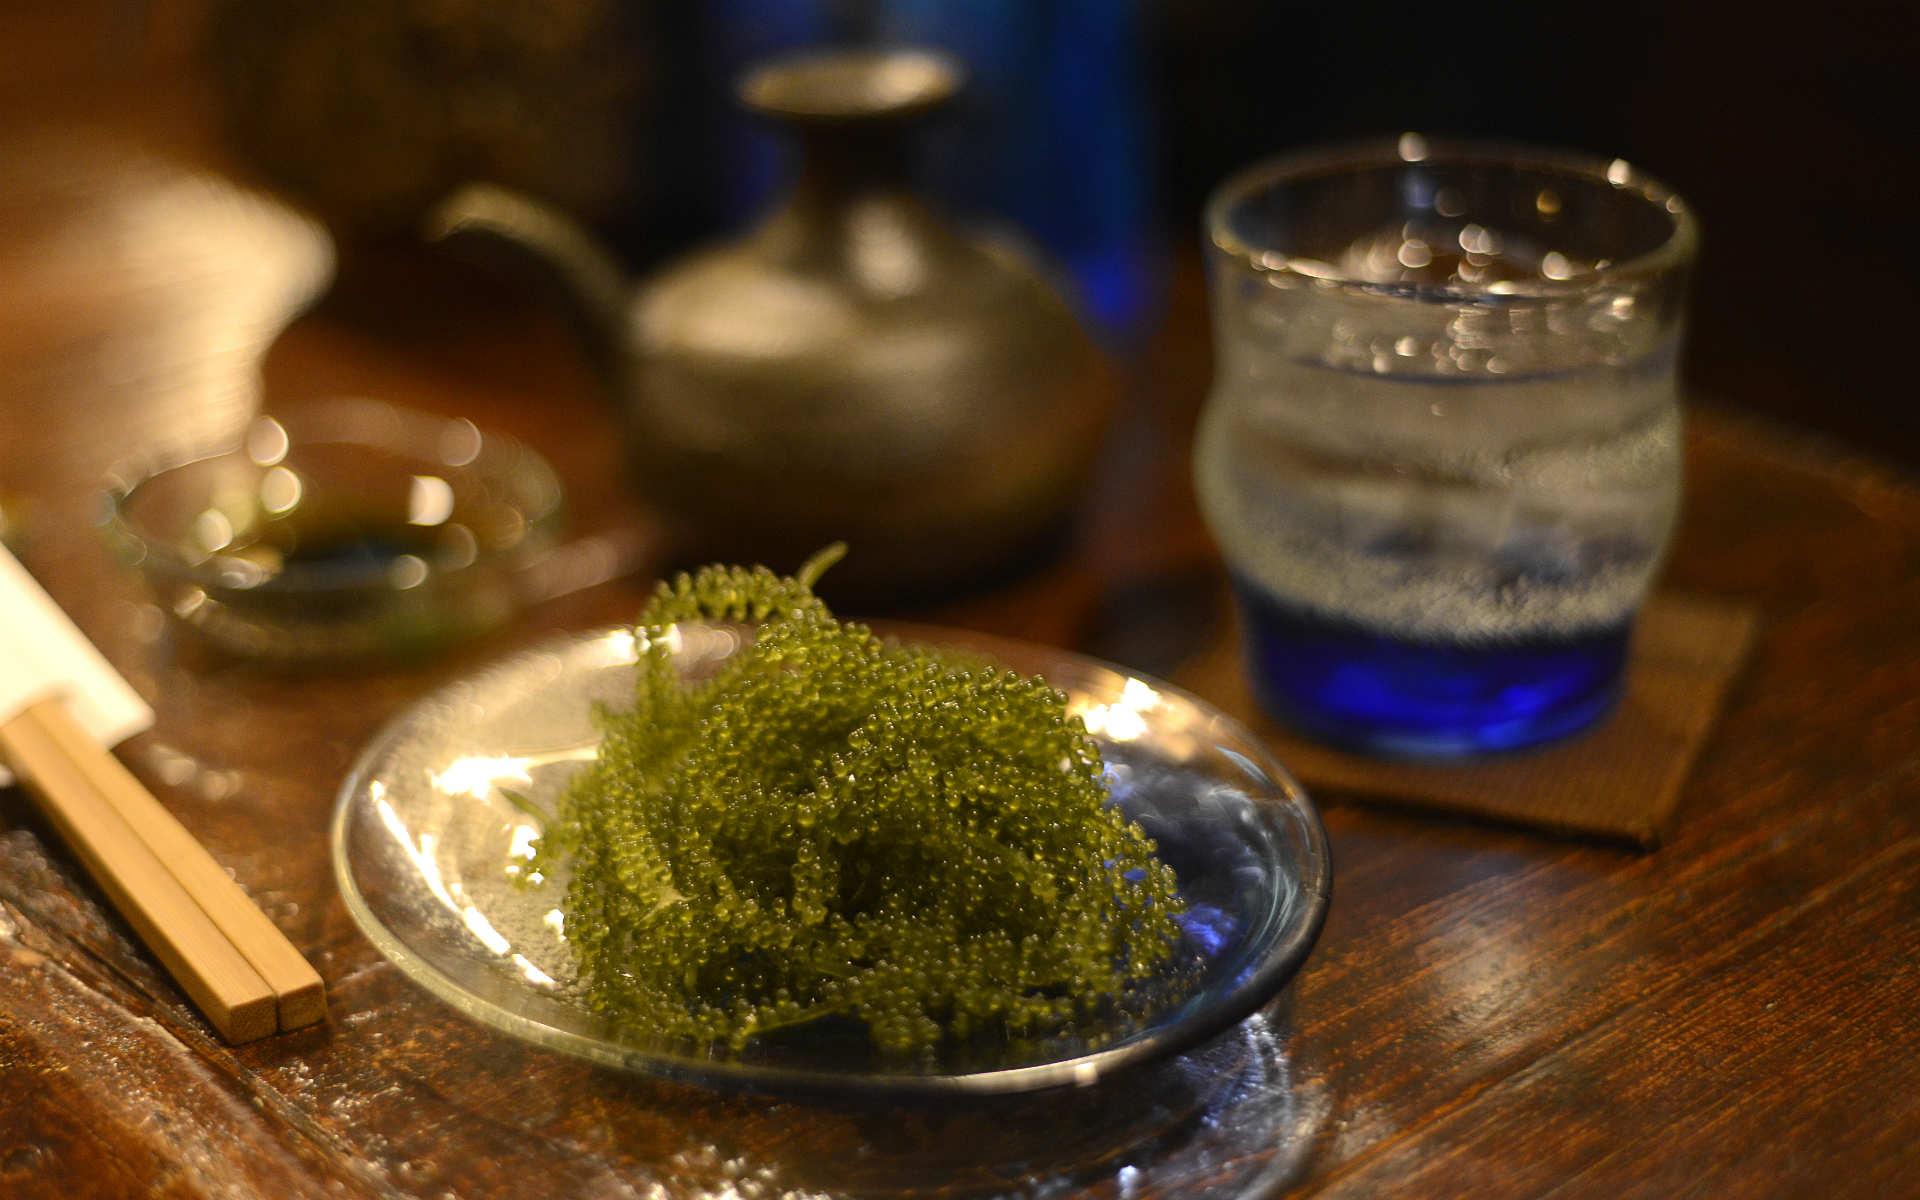 大人の沖縄居酒屋「花ずみ」で未知との遭遇。海ぶどうが水槽を舞う